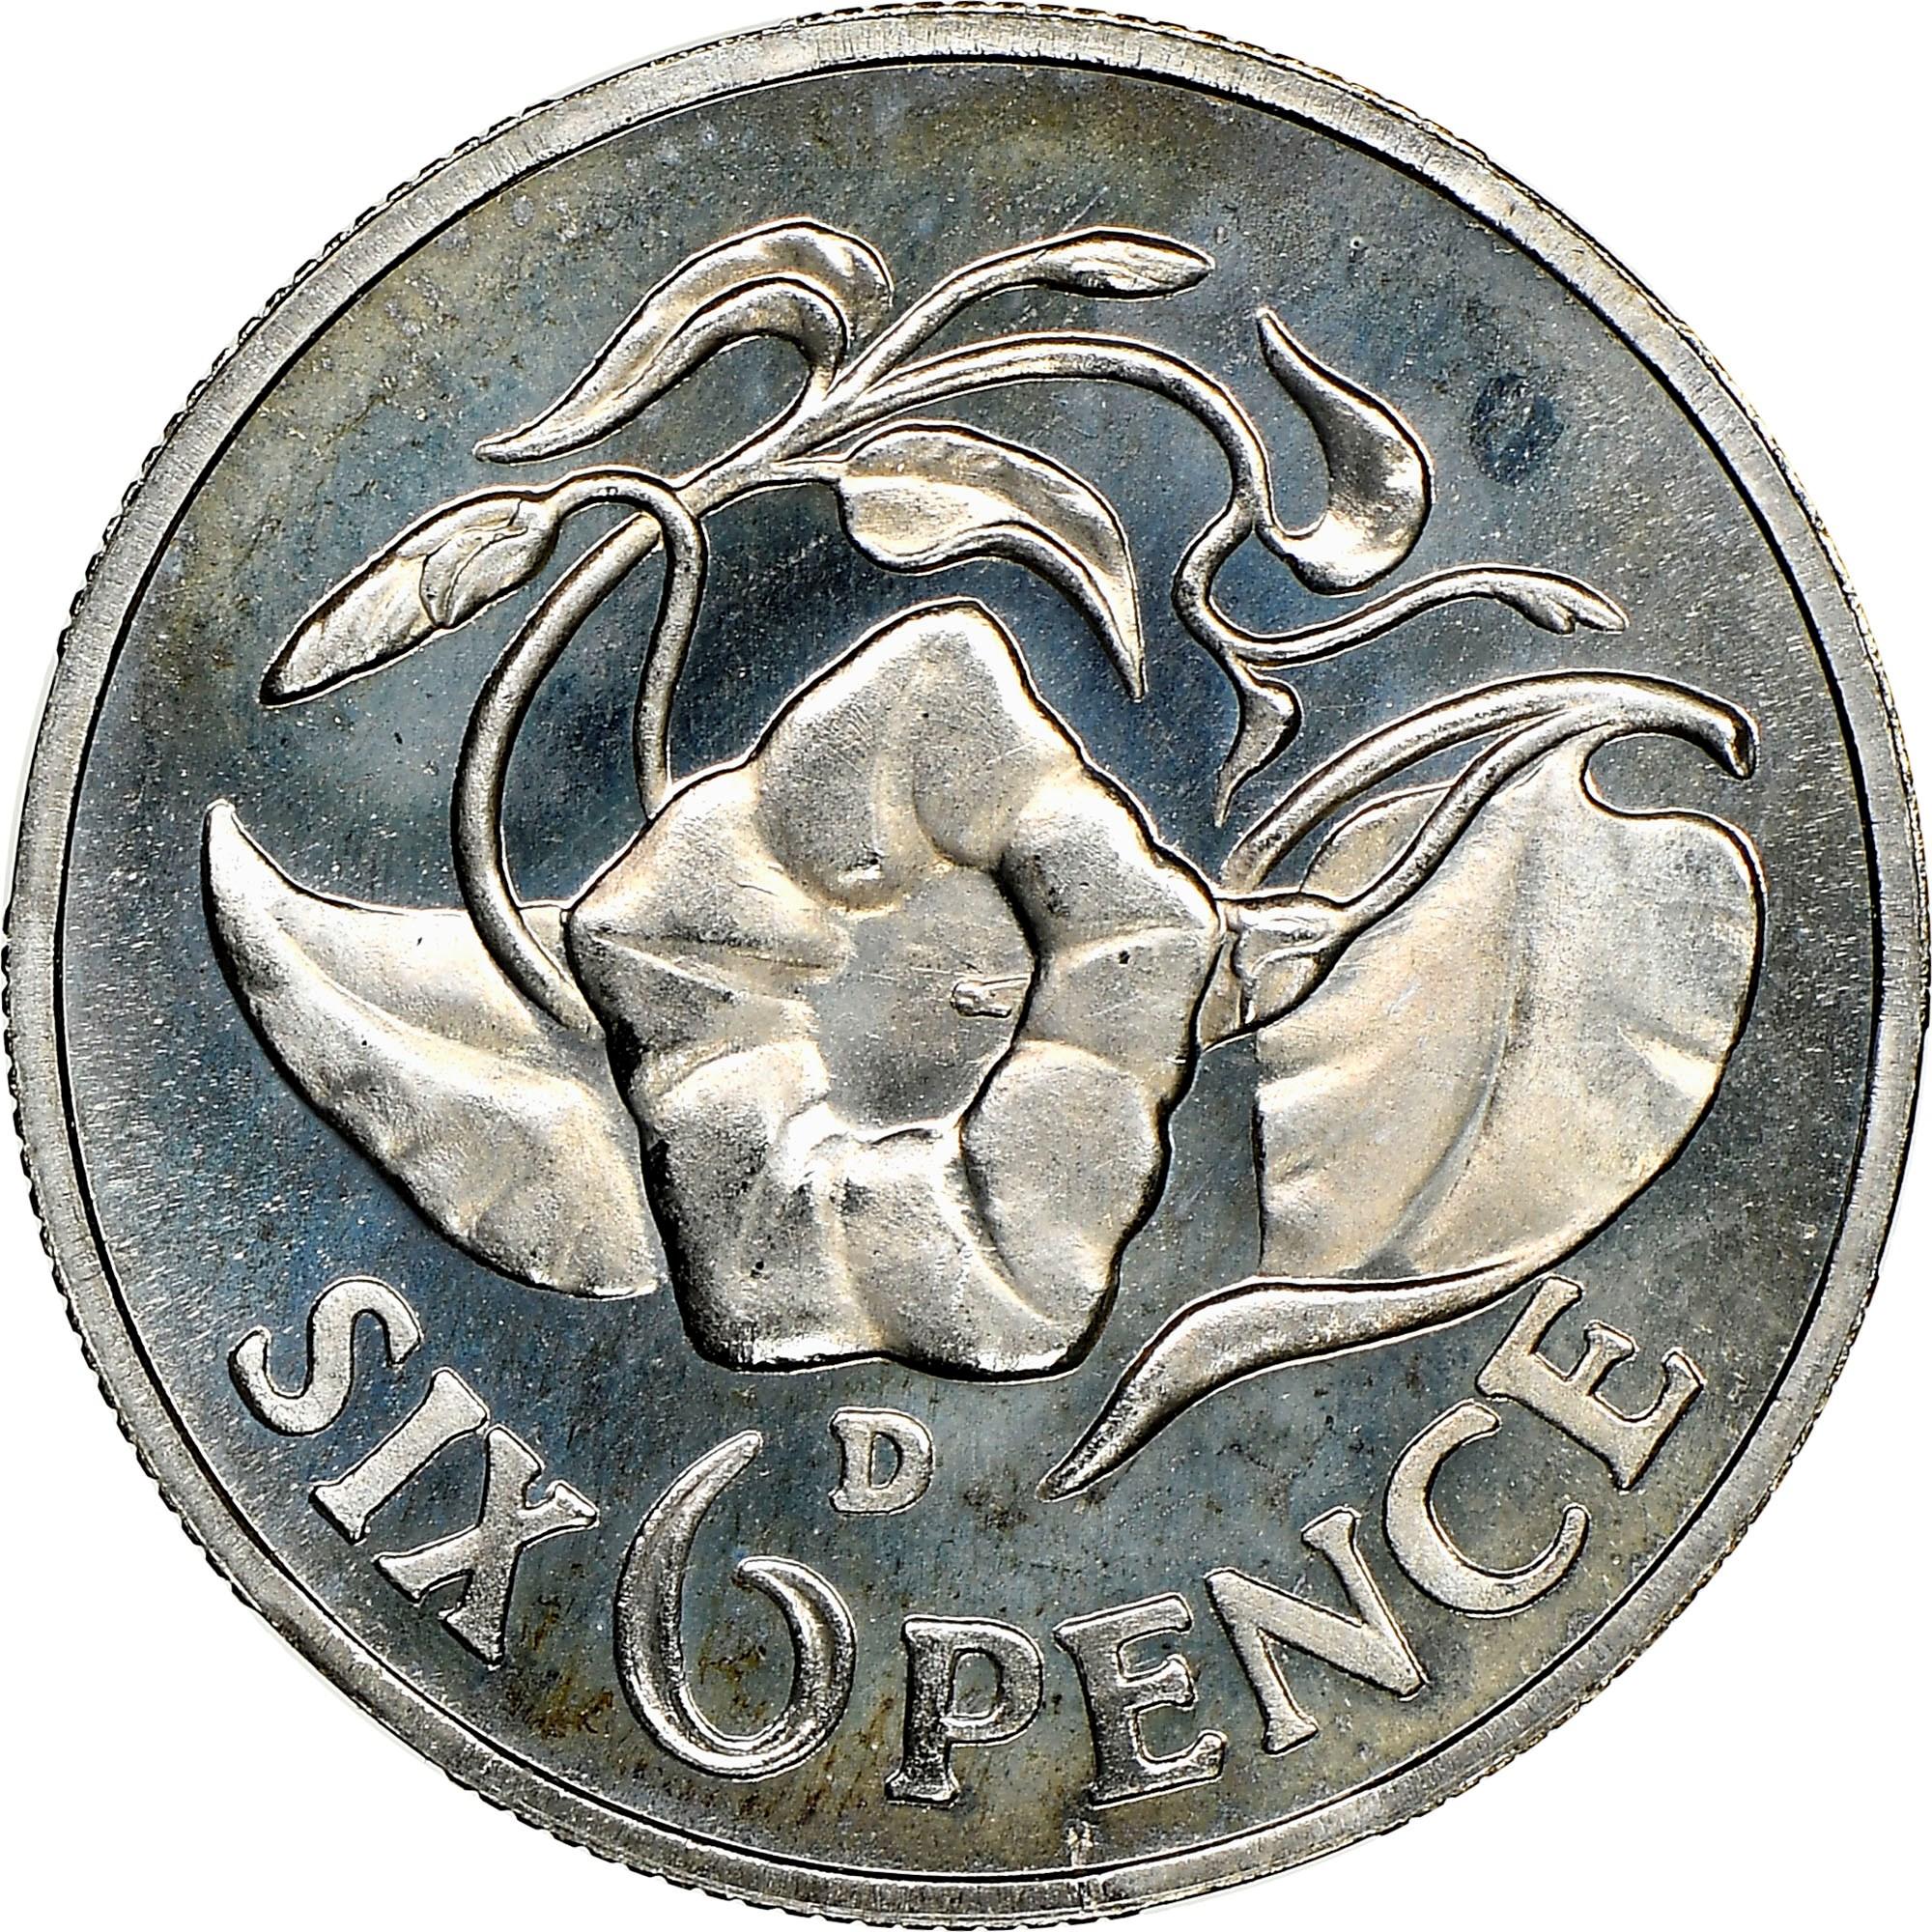 Zambia 6 Pence reverse